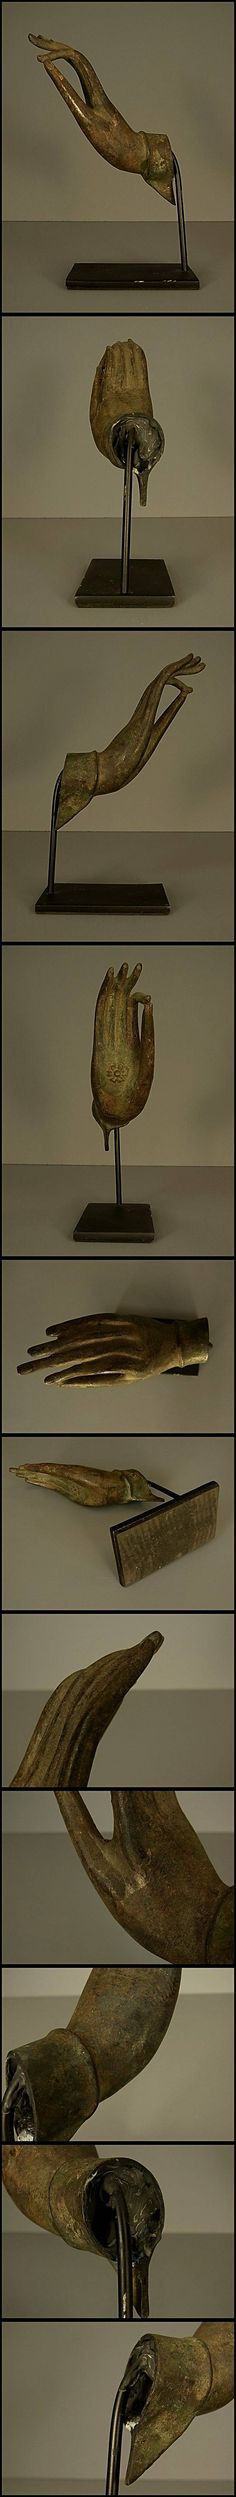 発掘 青銅仏手/ガンダーラシルクロード中国チベット仏教美術(J8) - ヤフオク!